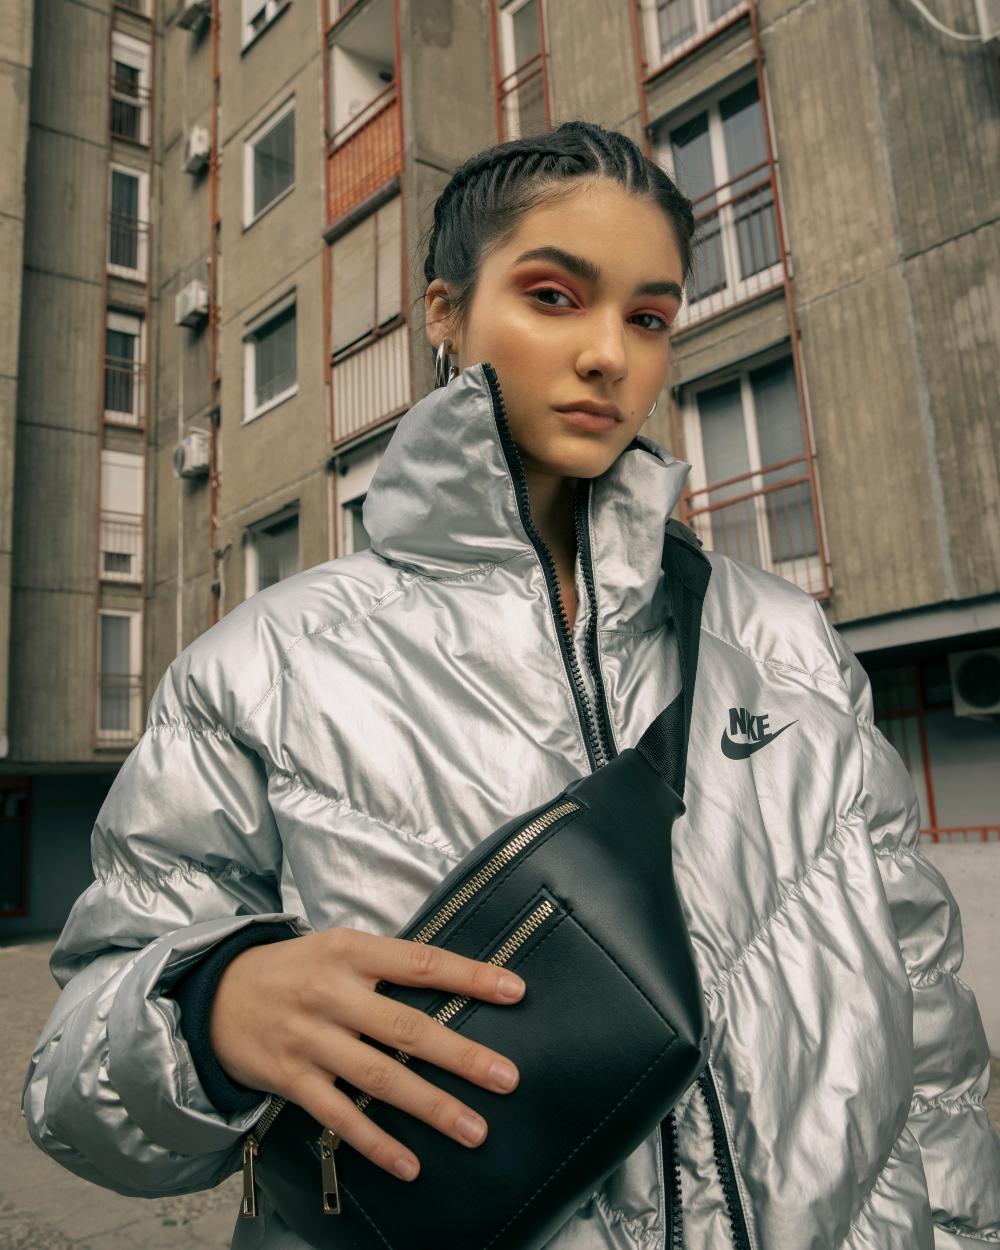 taf poklon 2 Poklon ispod jelke kom će se obradovati svaki pravi #fashionista